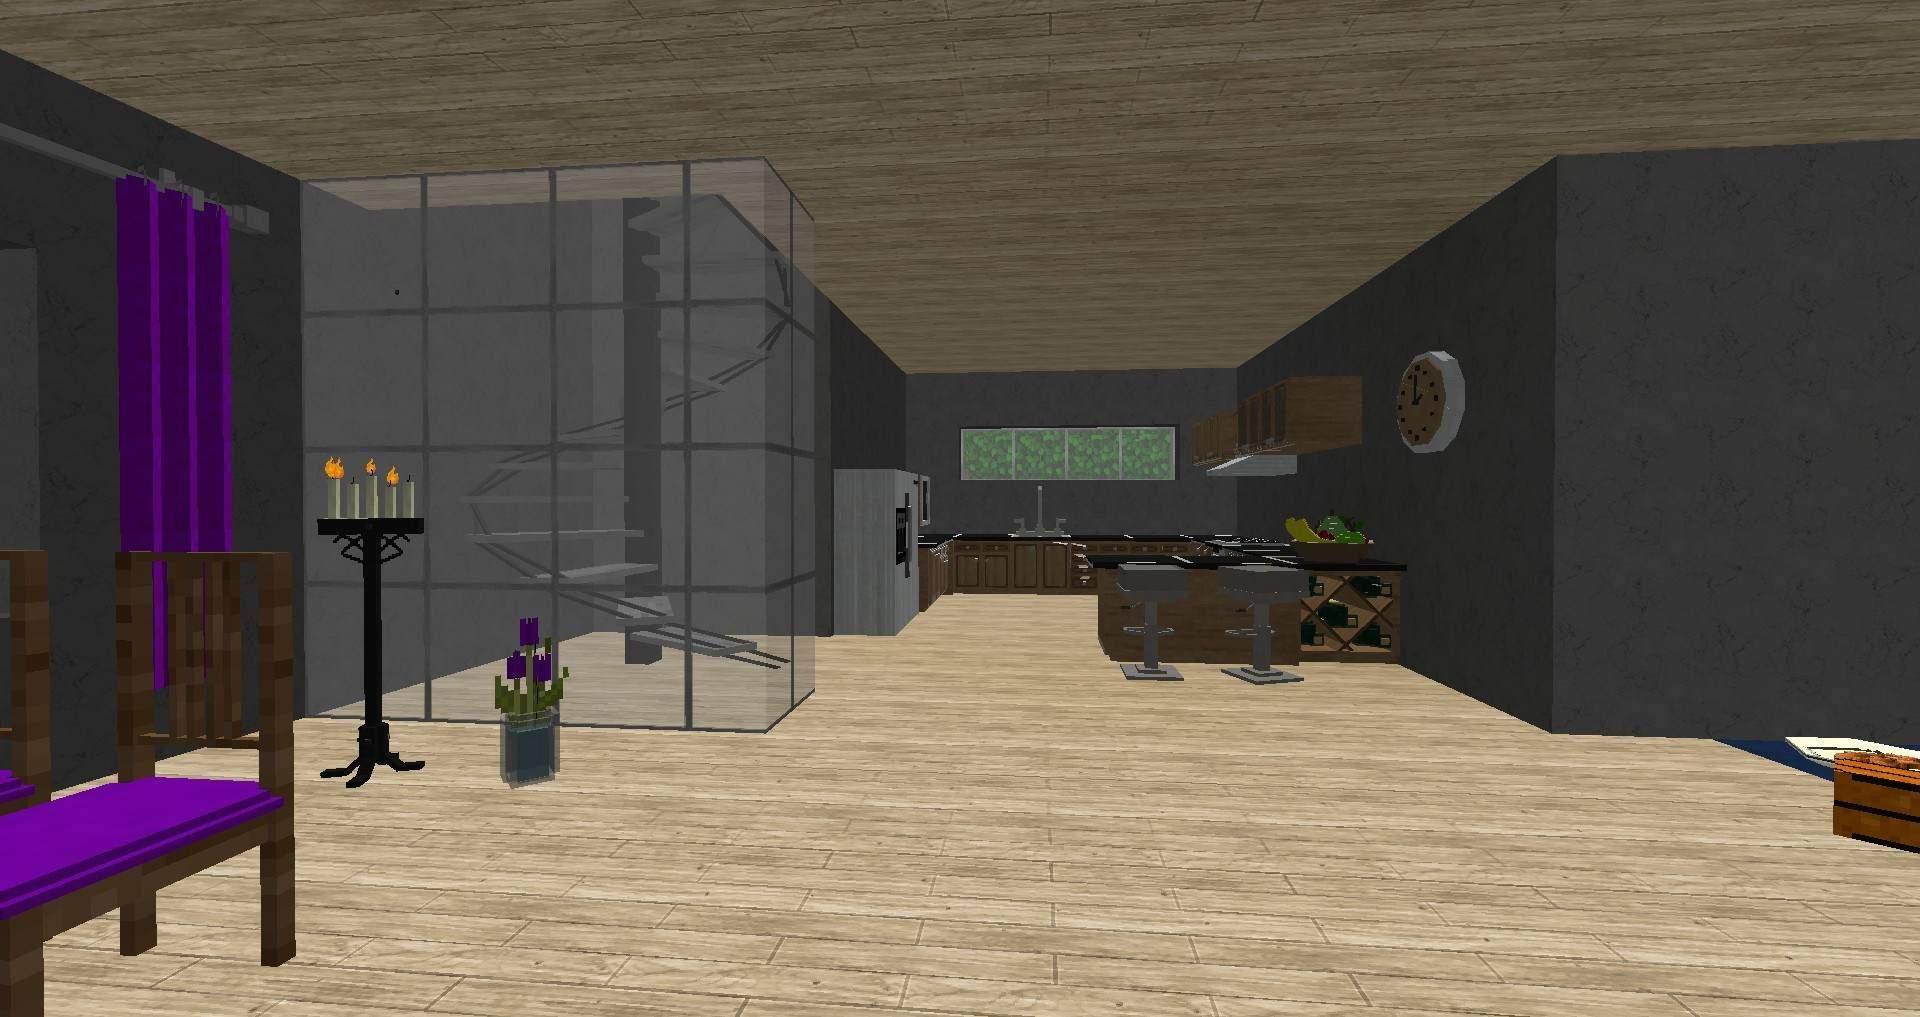 Full Size of Tapeten Wohnzimmer Ideen 2020 Minecraft Luxus Unique Mbel Decken Hängelampe Gardinen Landhausstil Moderne Deckenleuchte Rollo Deckenlampen Modern Wandbilder Wohnzimmer Tapeten Wohnzimmer Ideen 2020